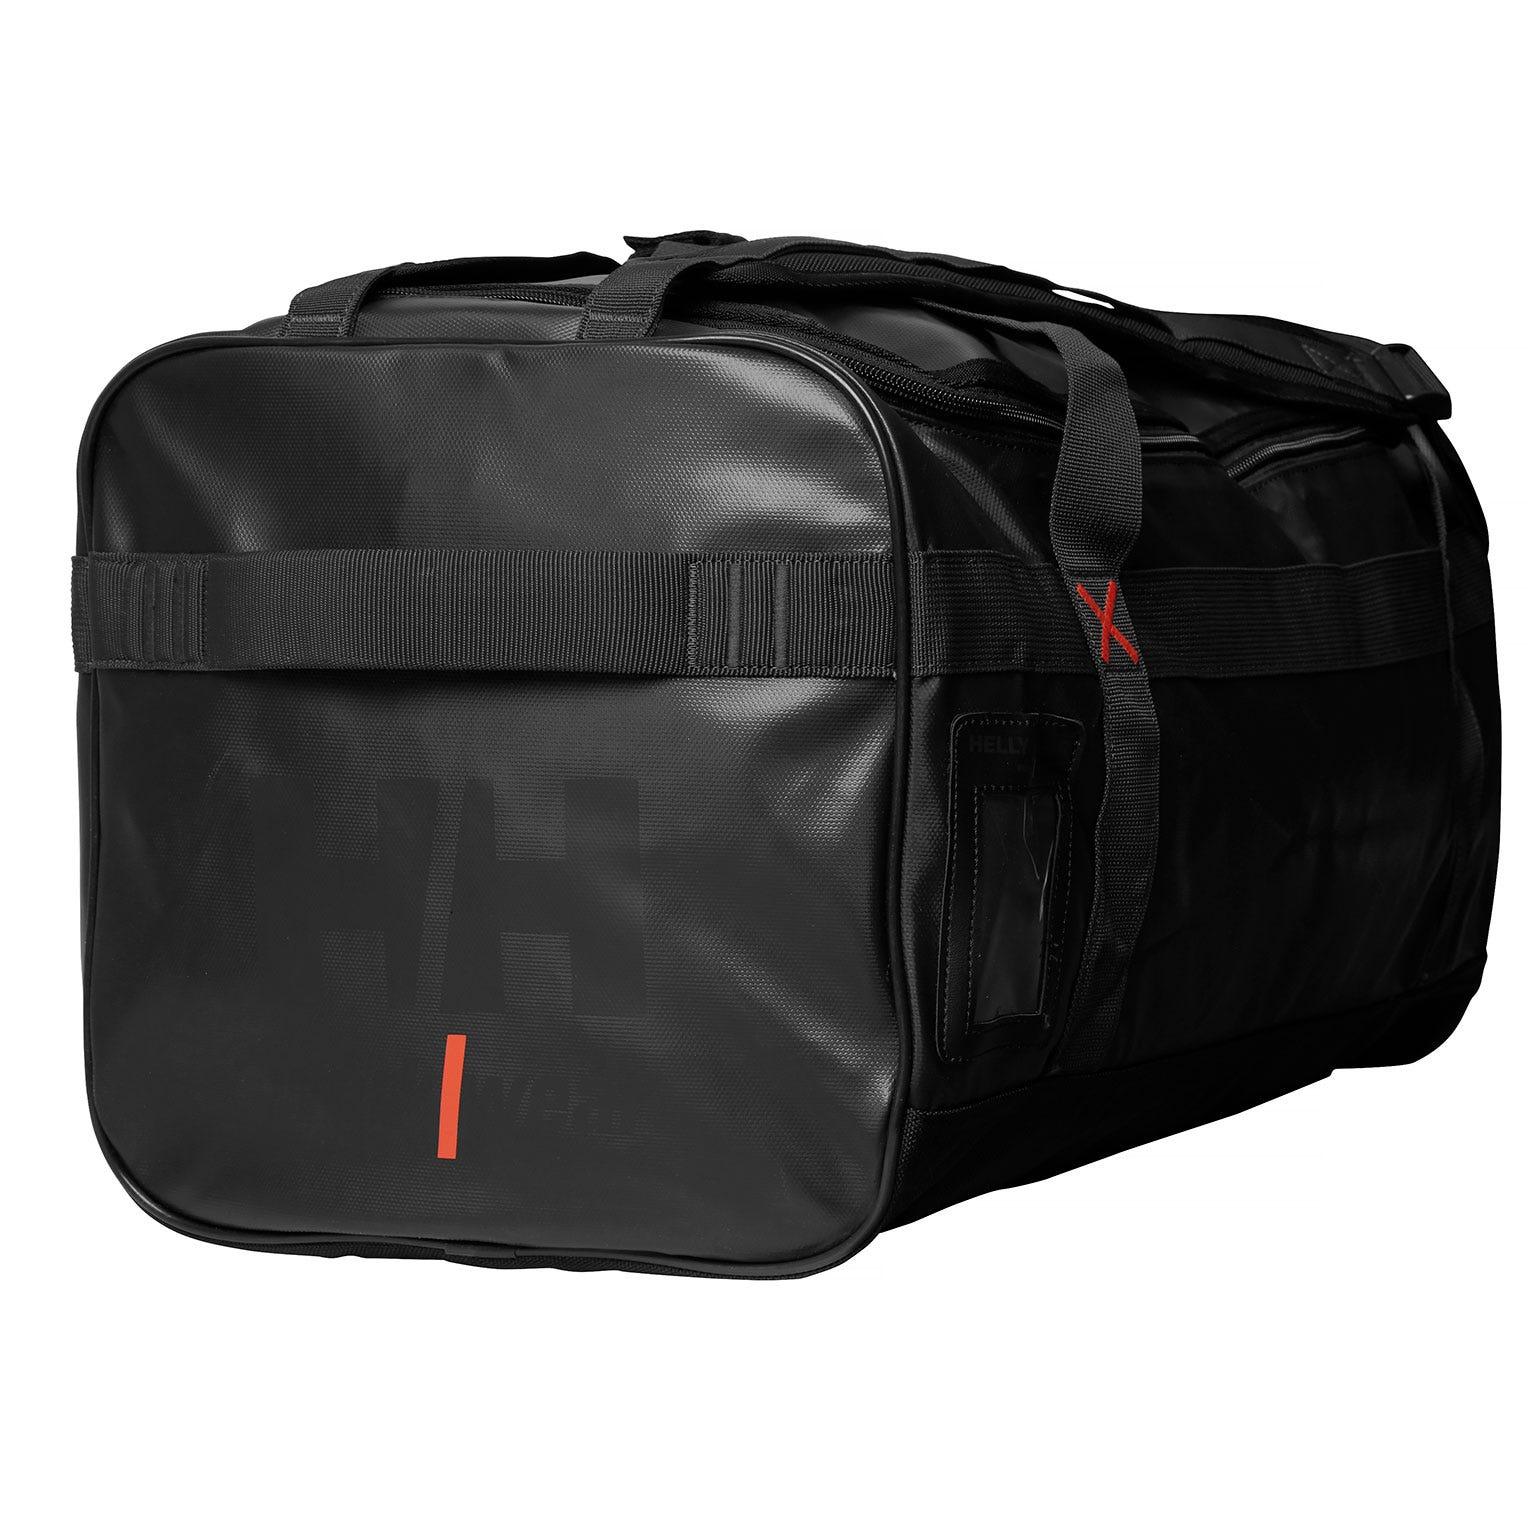 Helly Hansen Reistassen Duffel 79573 Inhoud 70 liter zwart(990)